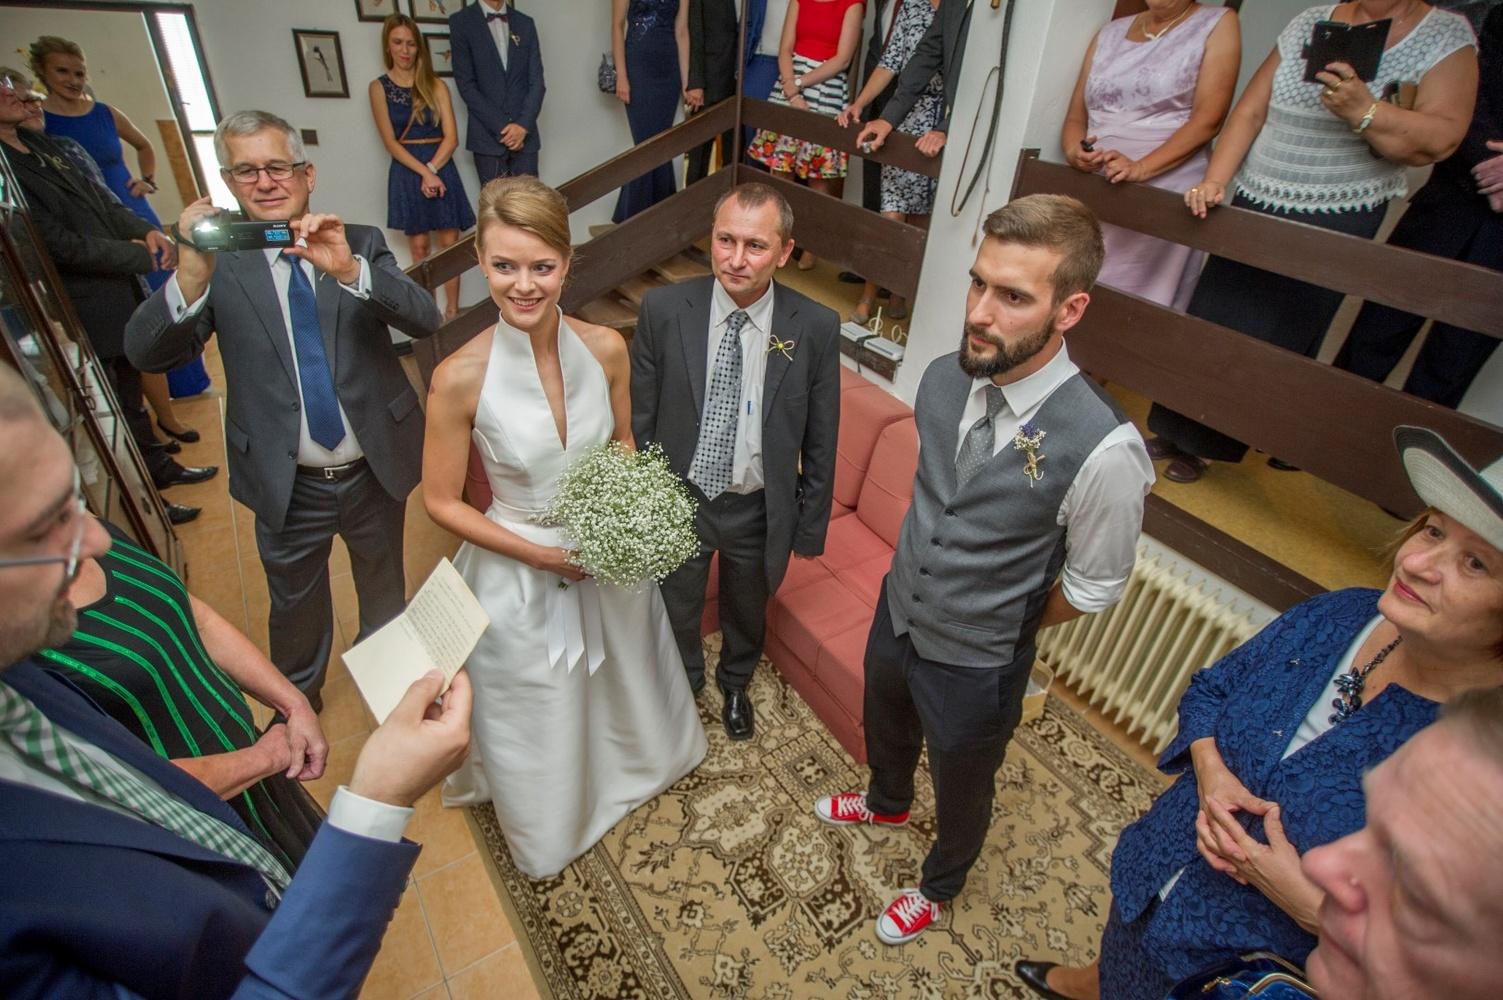 http://www.fotoz.sk/images/gallery-8/normal/eskuvoi-fotos_svadobny-fotograf_408.jpg